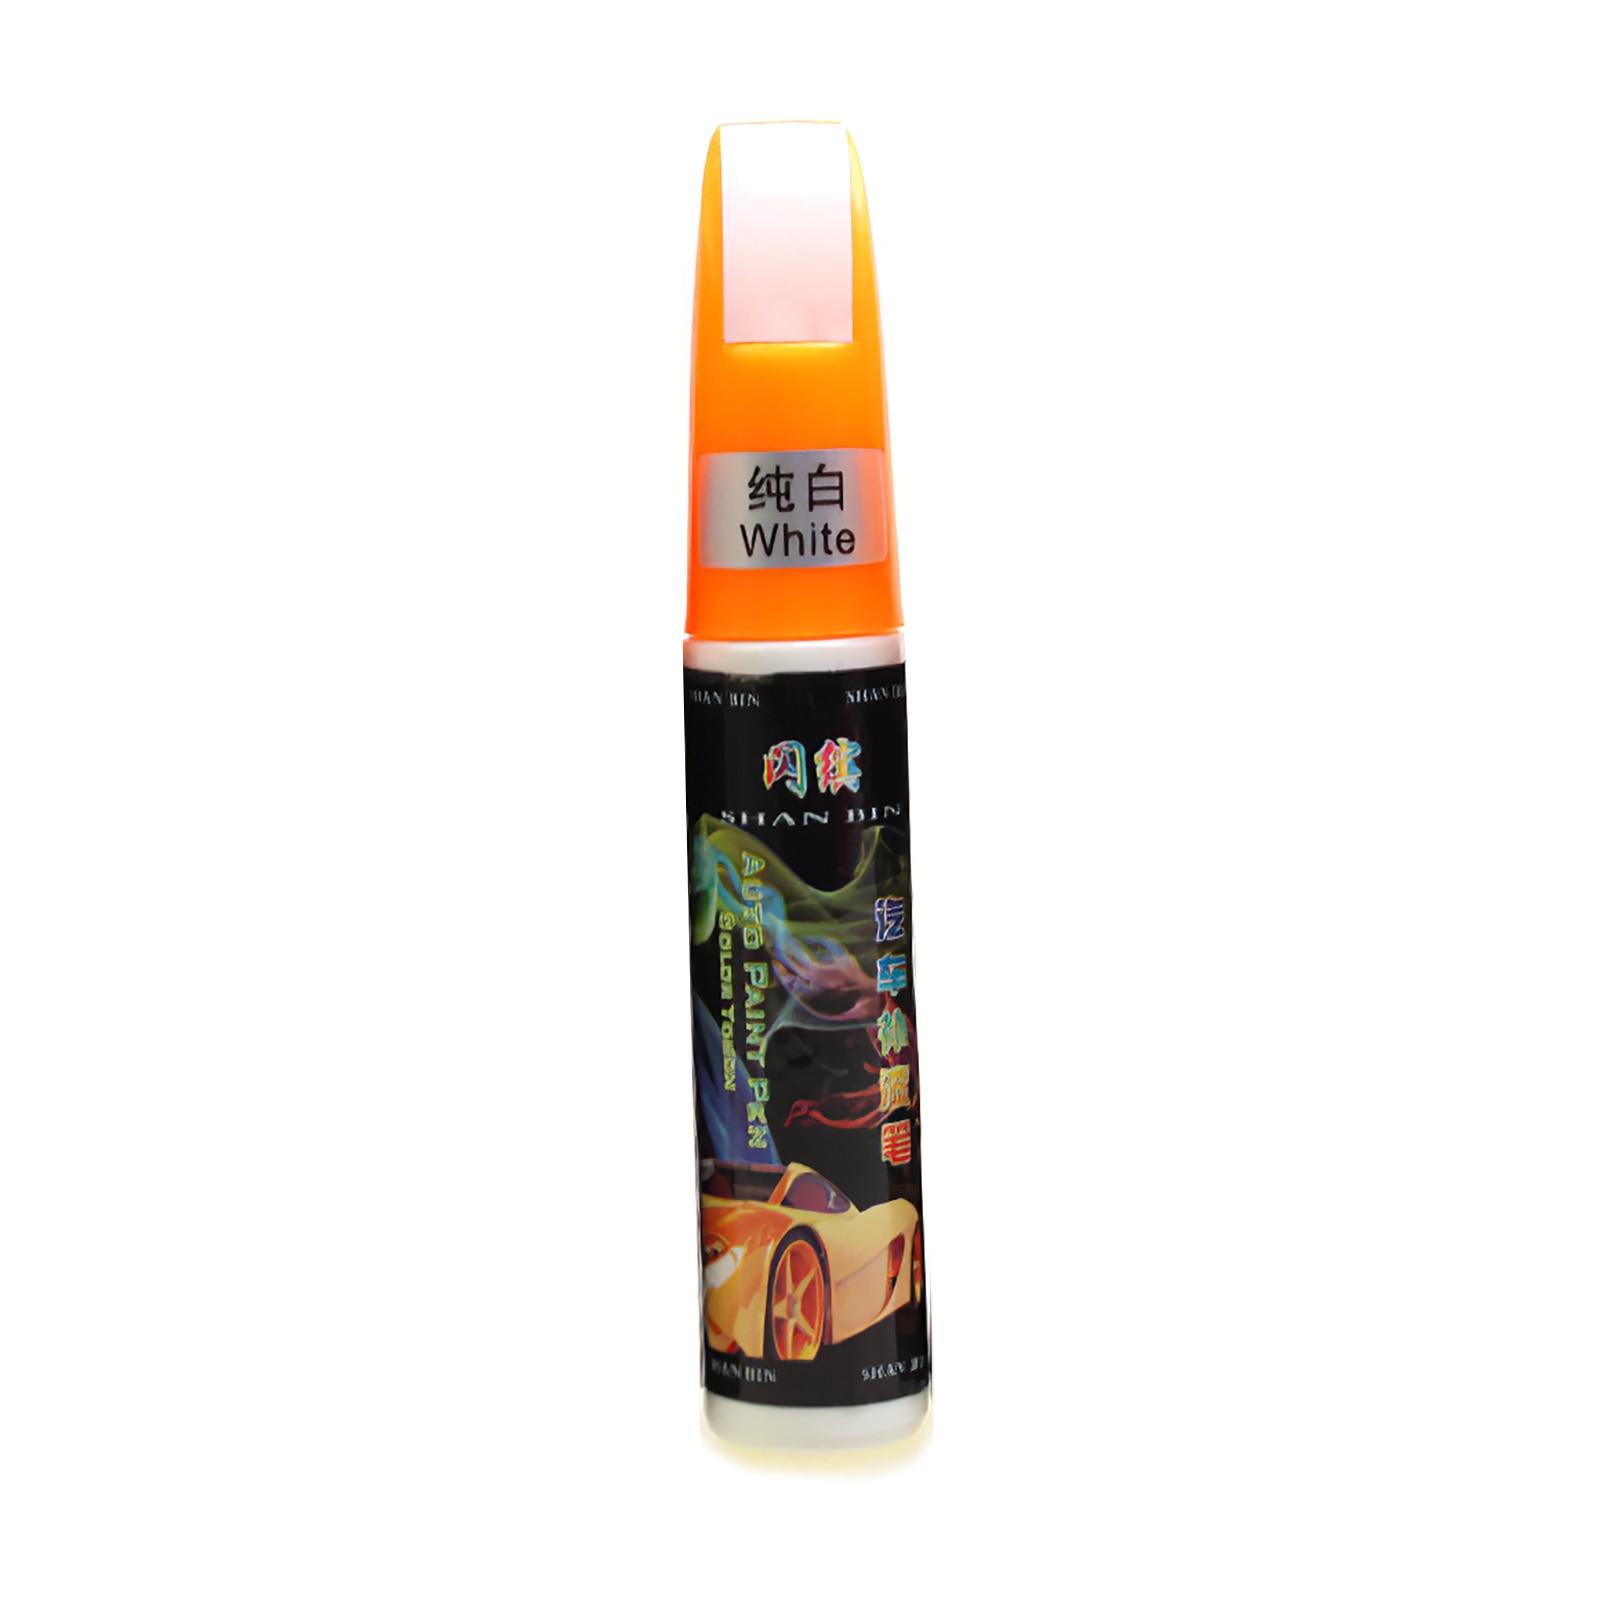 Автомобильная ручка для покраски из органического материала, устойчивая к царапинам, долговечная ручка для ремонта царапин для поверхност...